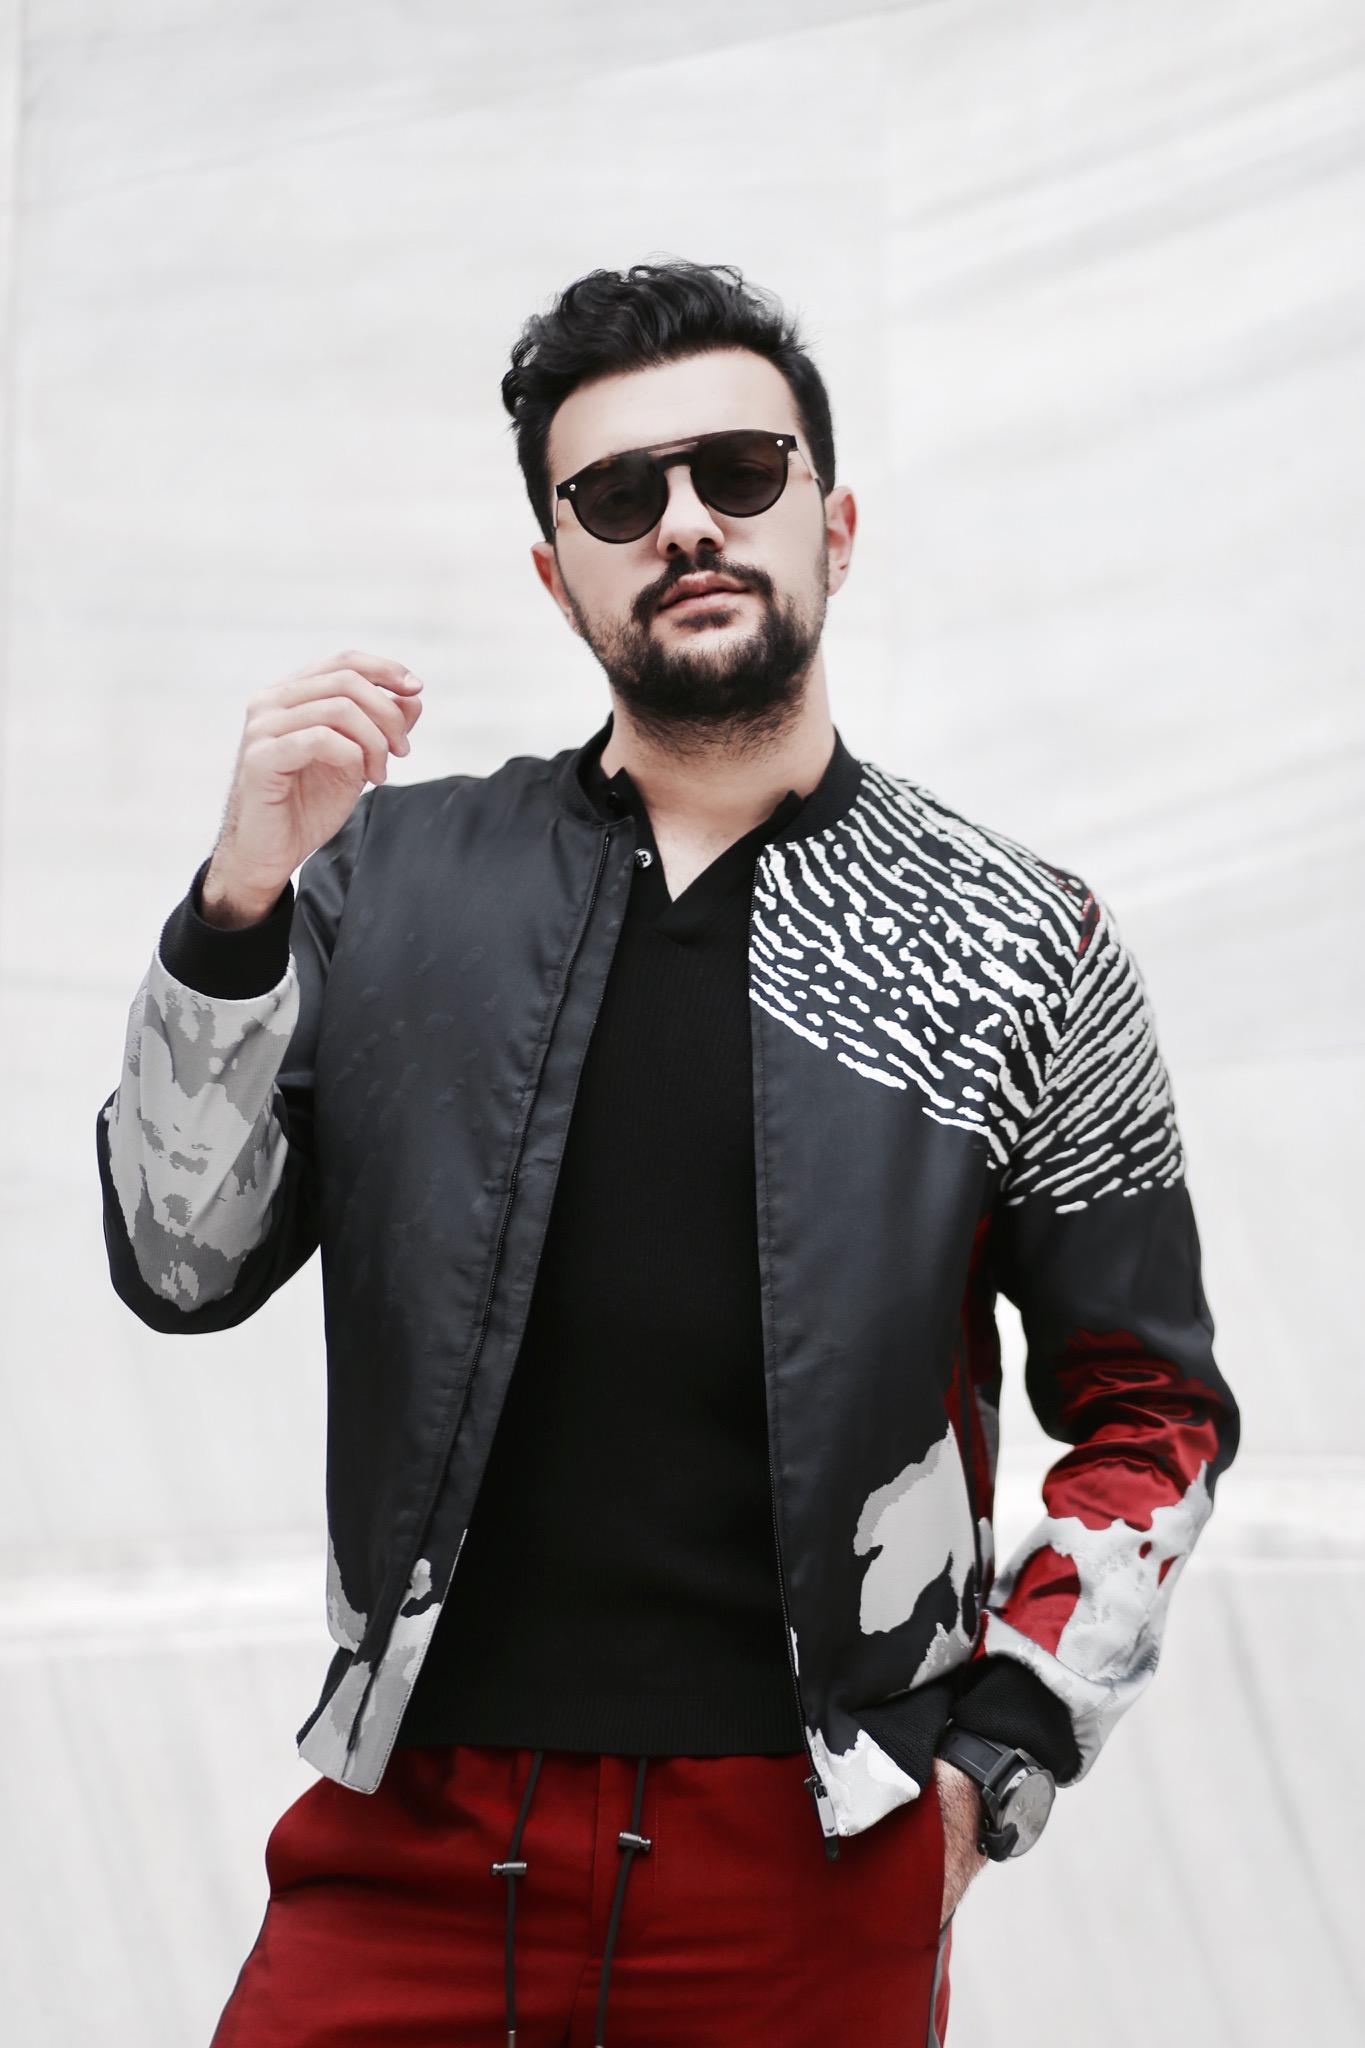 Kubilay Sakarya Retro Sunglasses